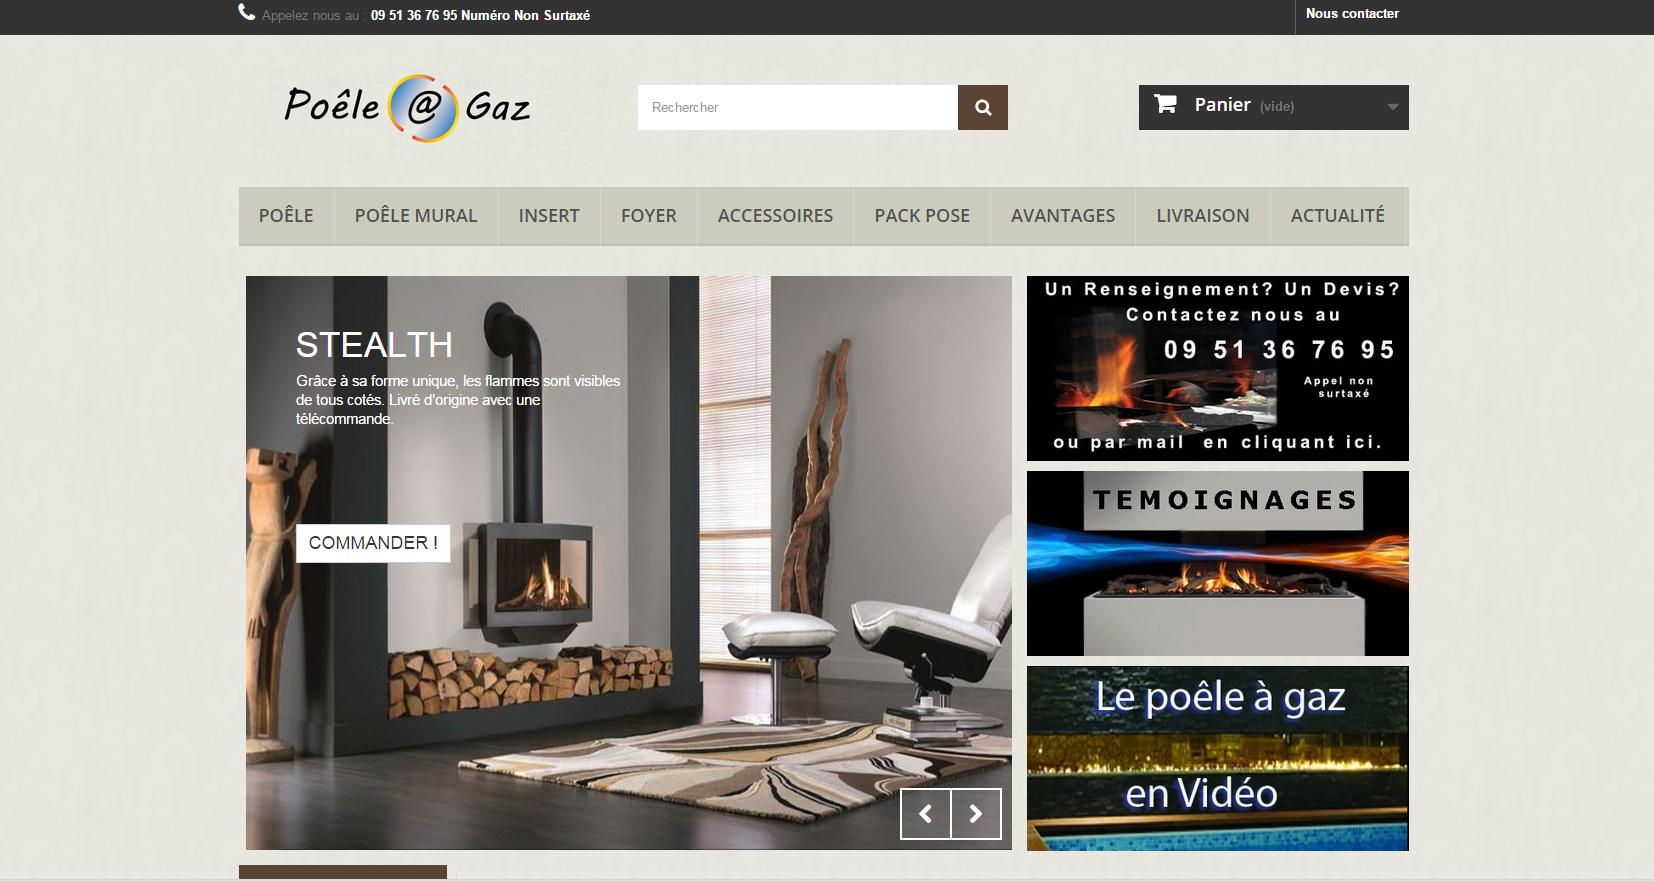 image du site poele a gaz créé par infoweb38 nord isere infoweb38